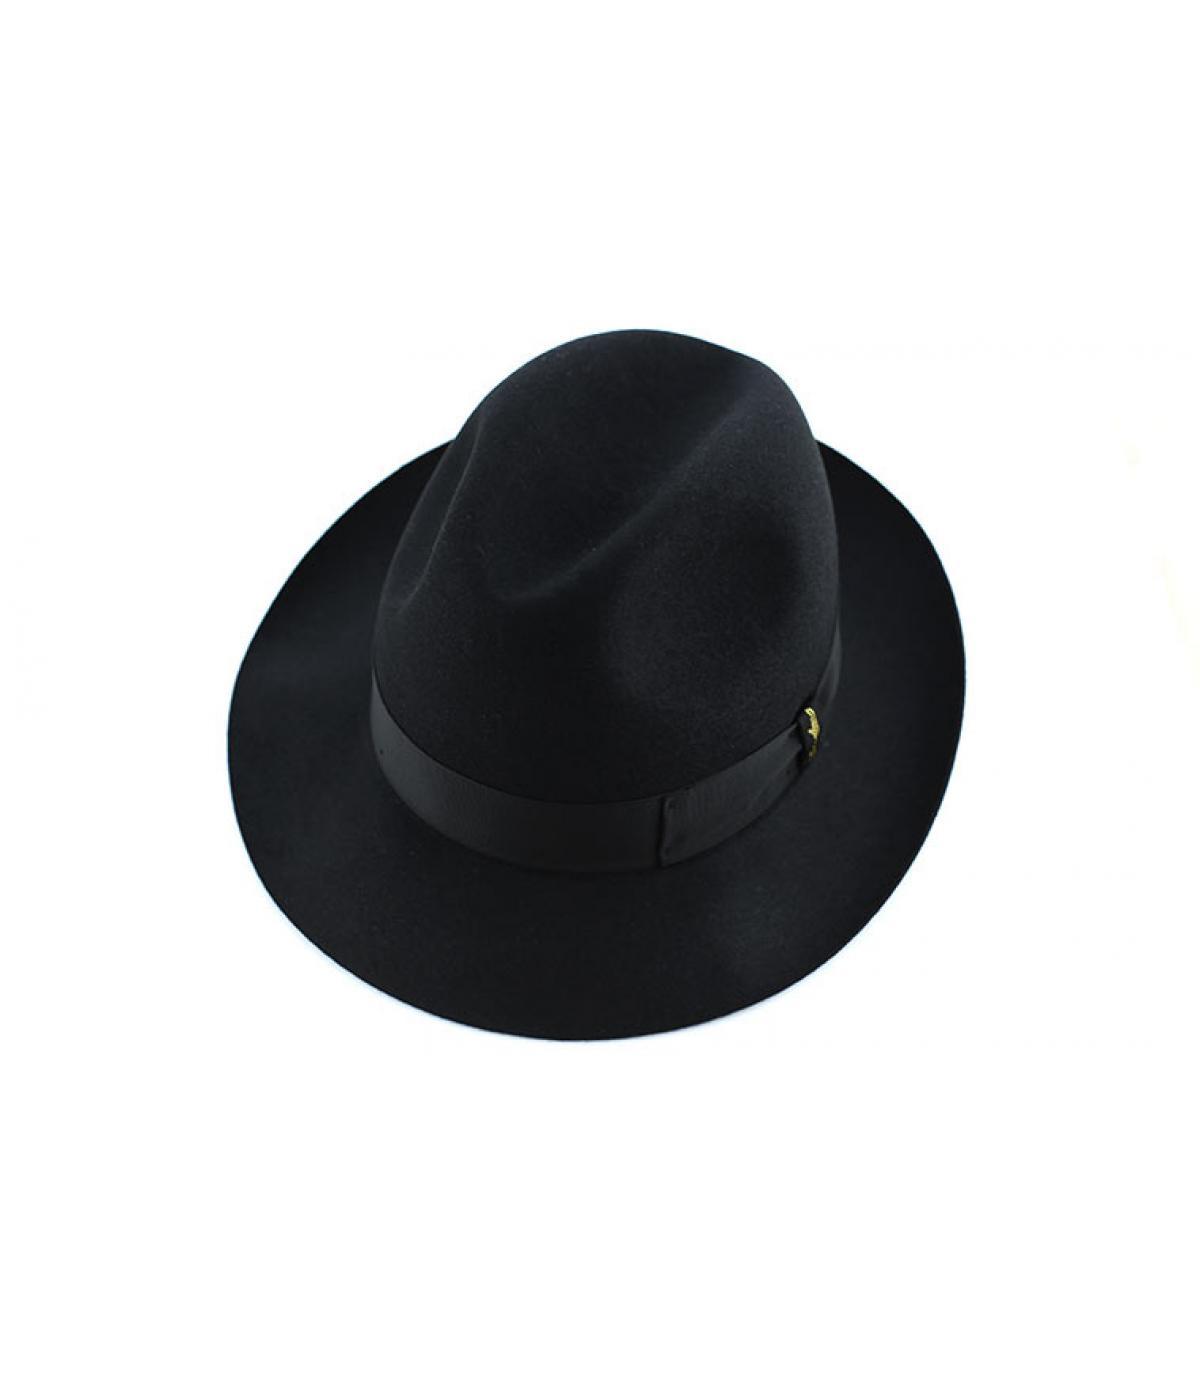 Détails Marengo black fur felt hat - image 3